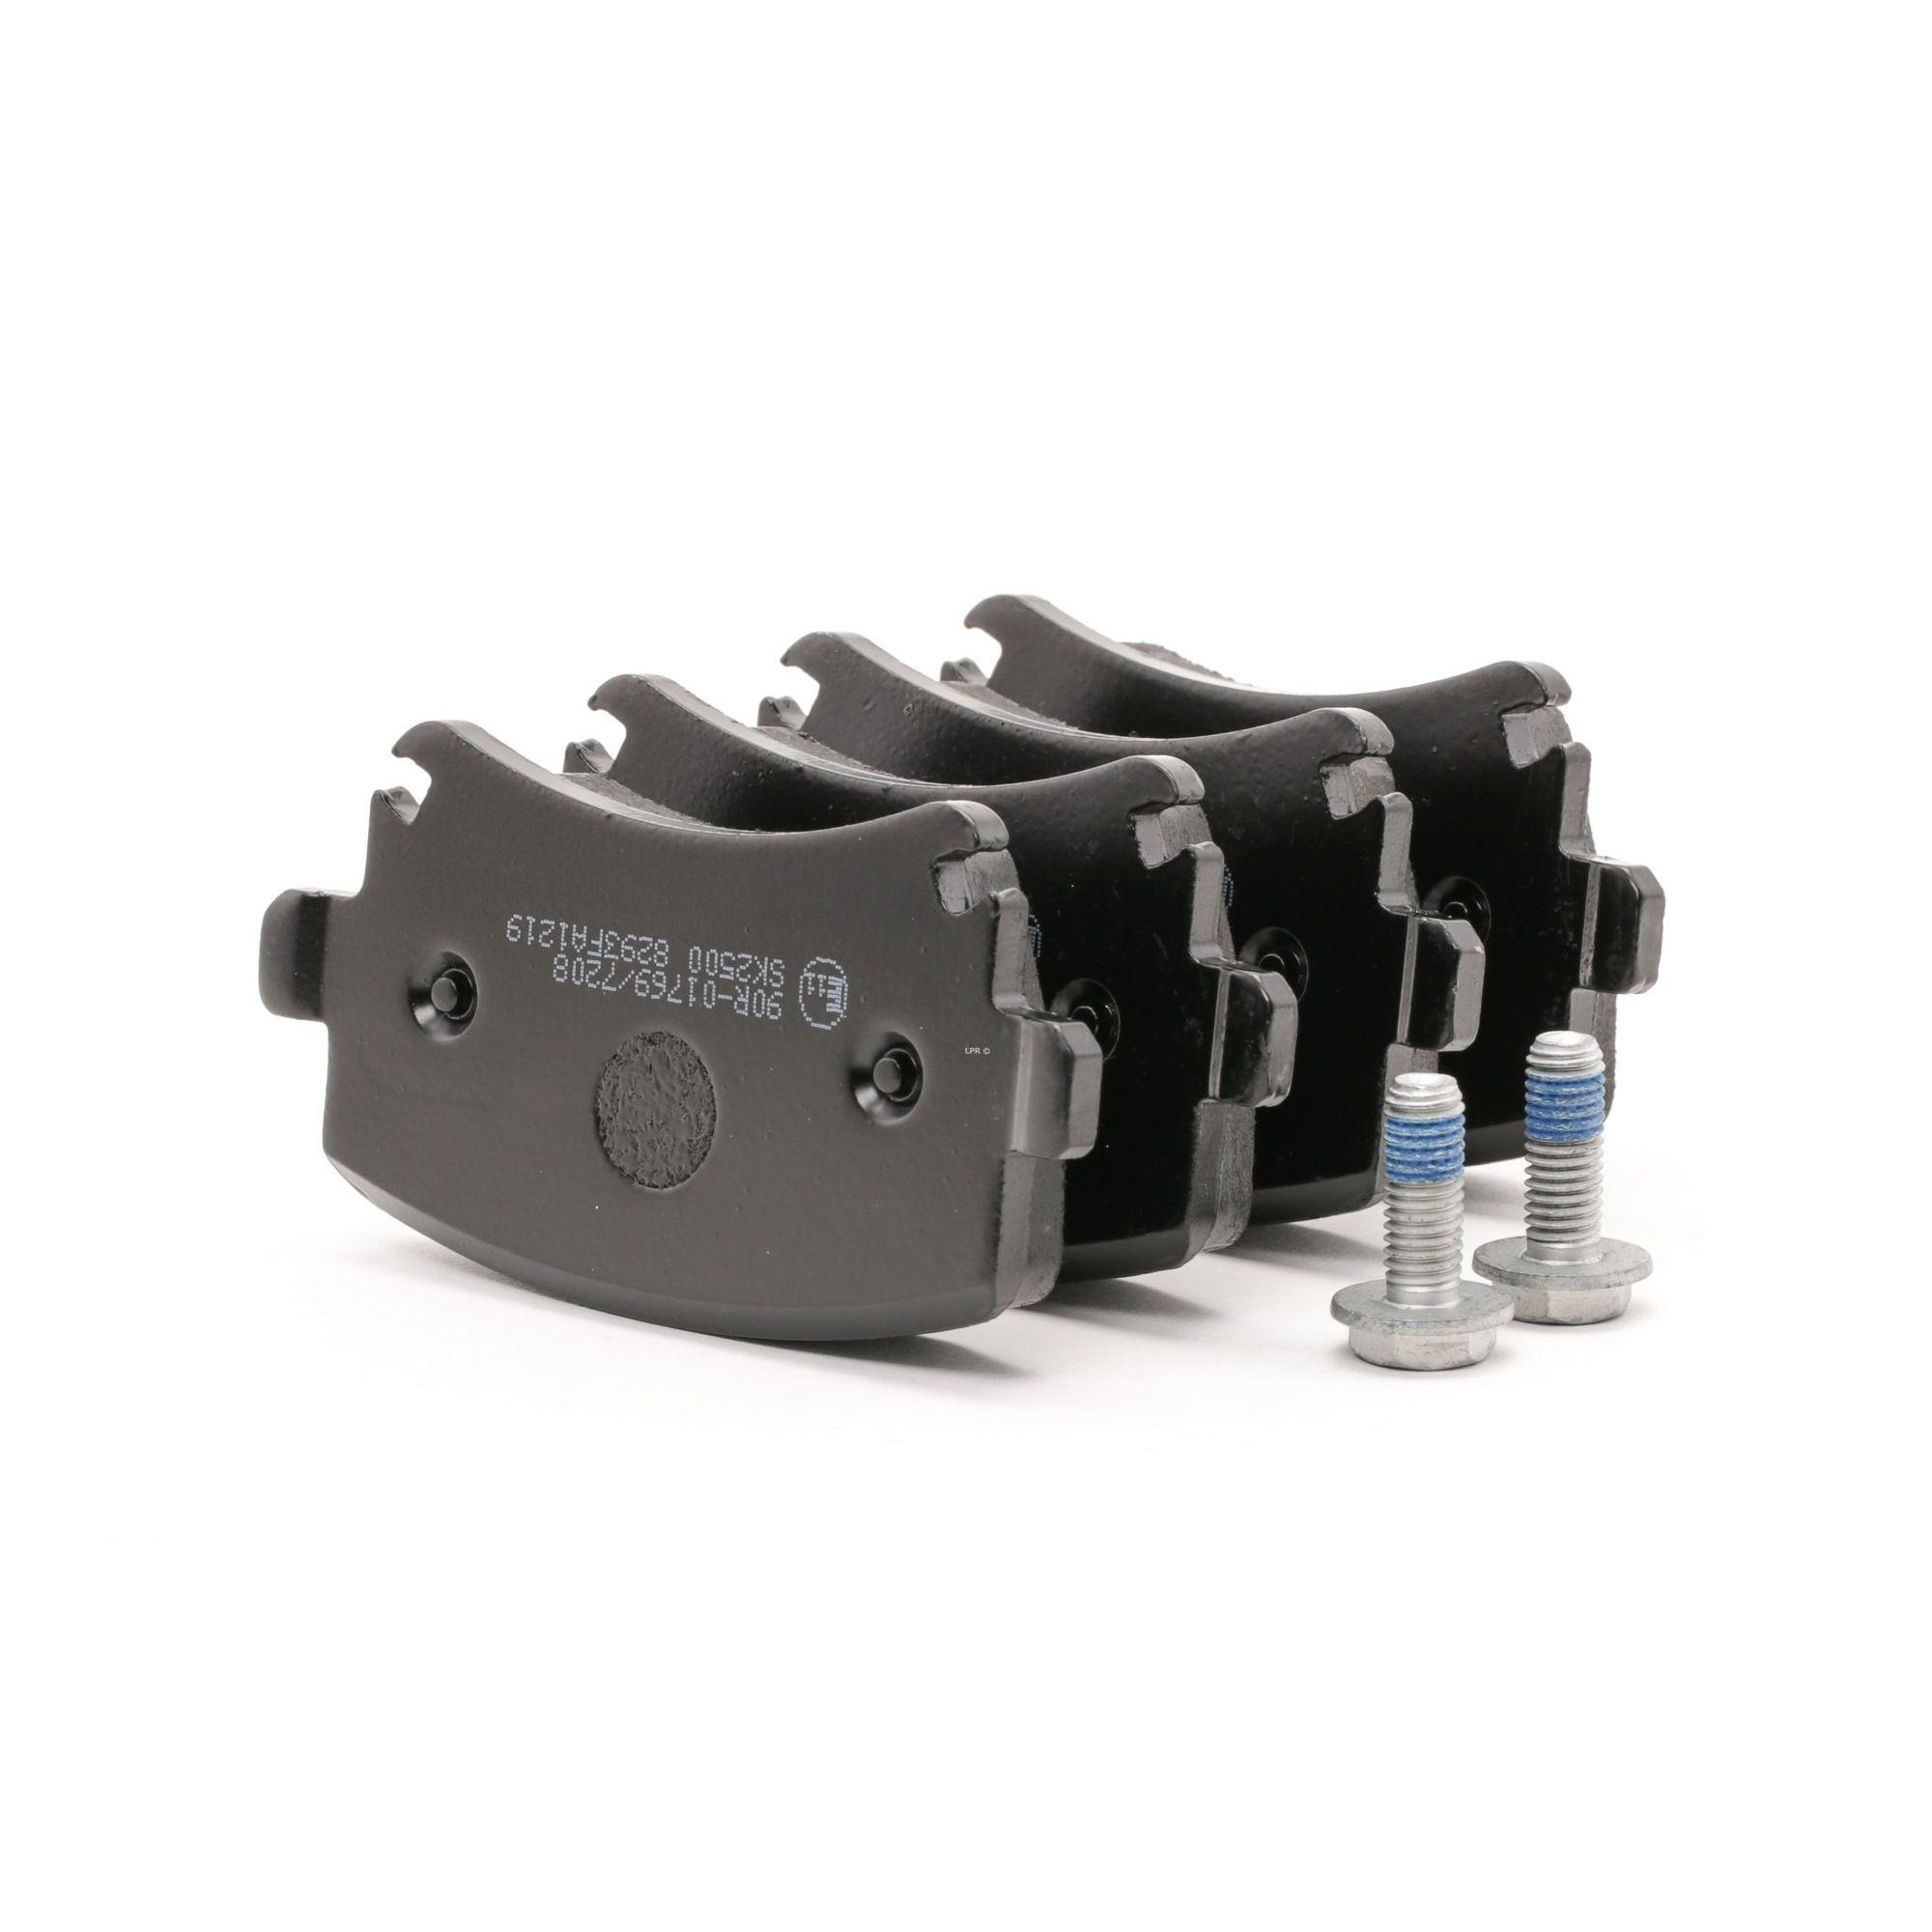 Bremsbelagsatz LPR 23914 Bewertung